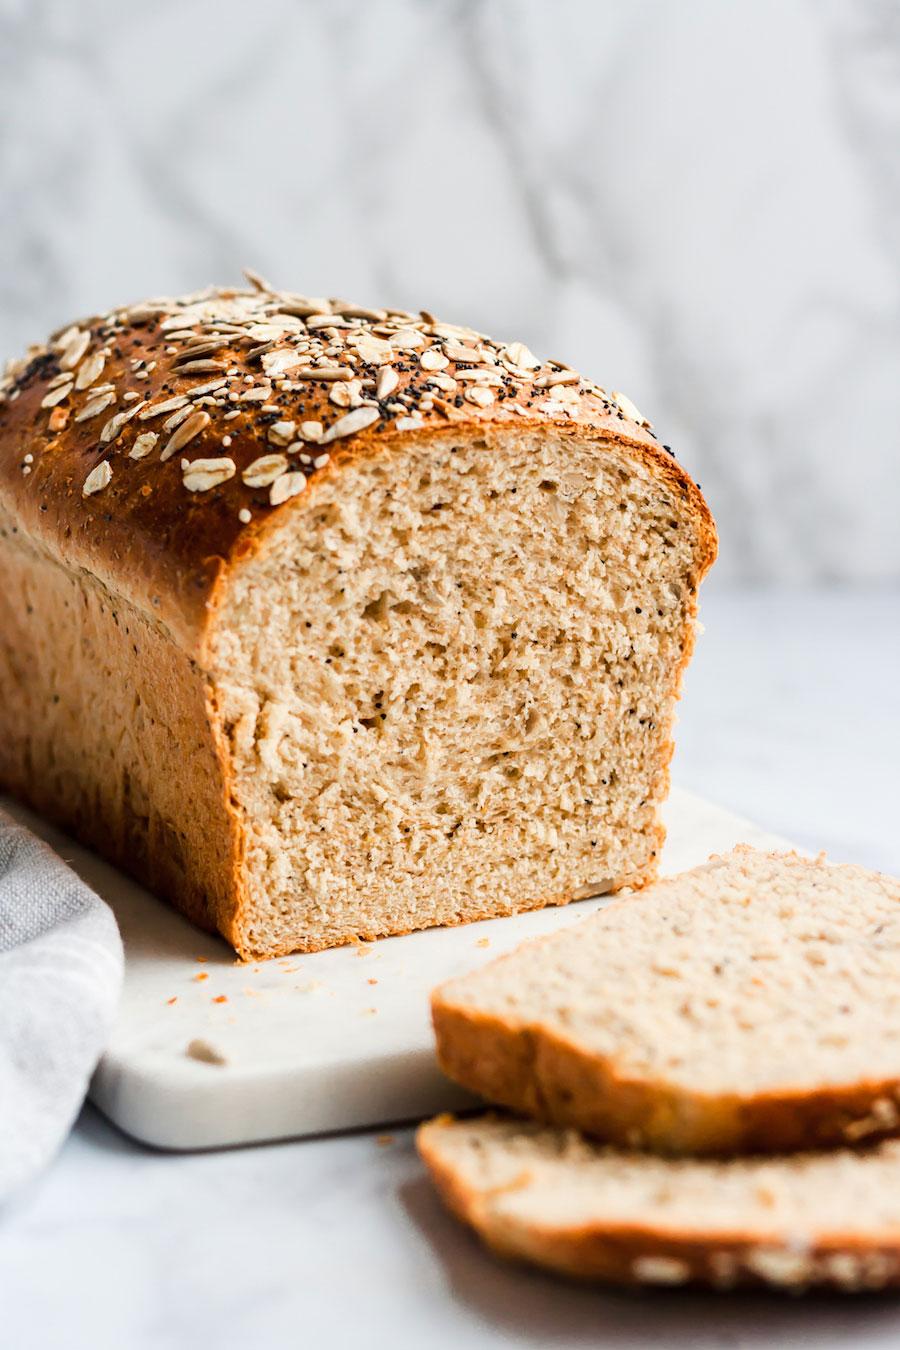 brood bakken - zelf brood bakken